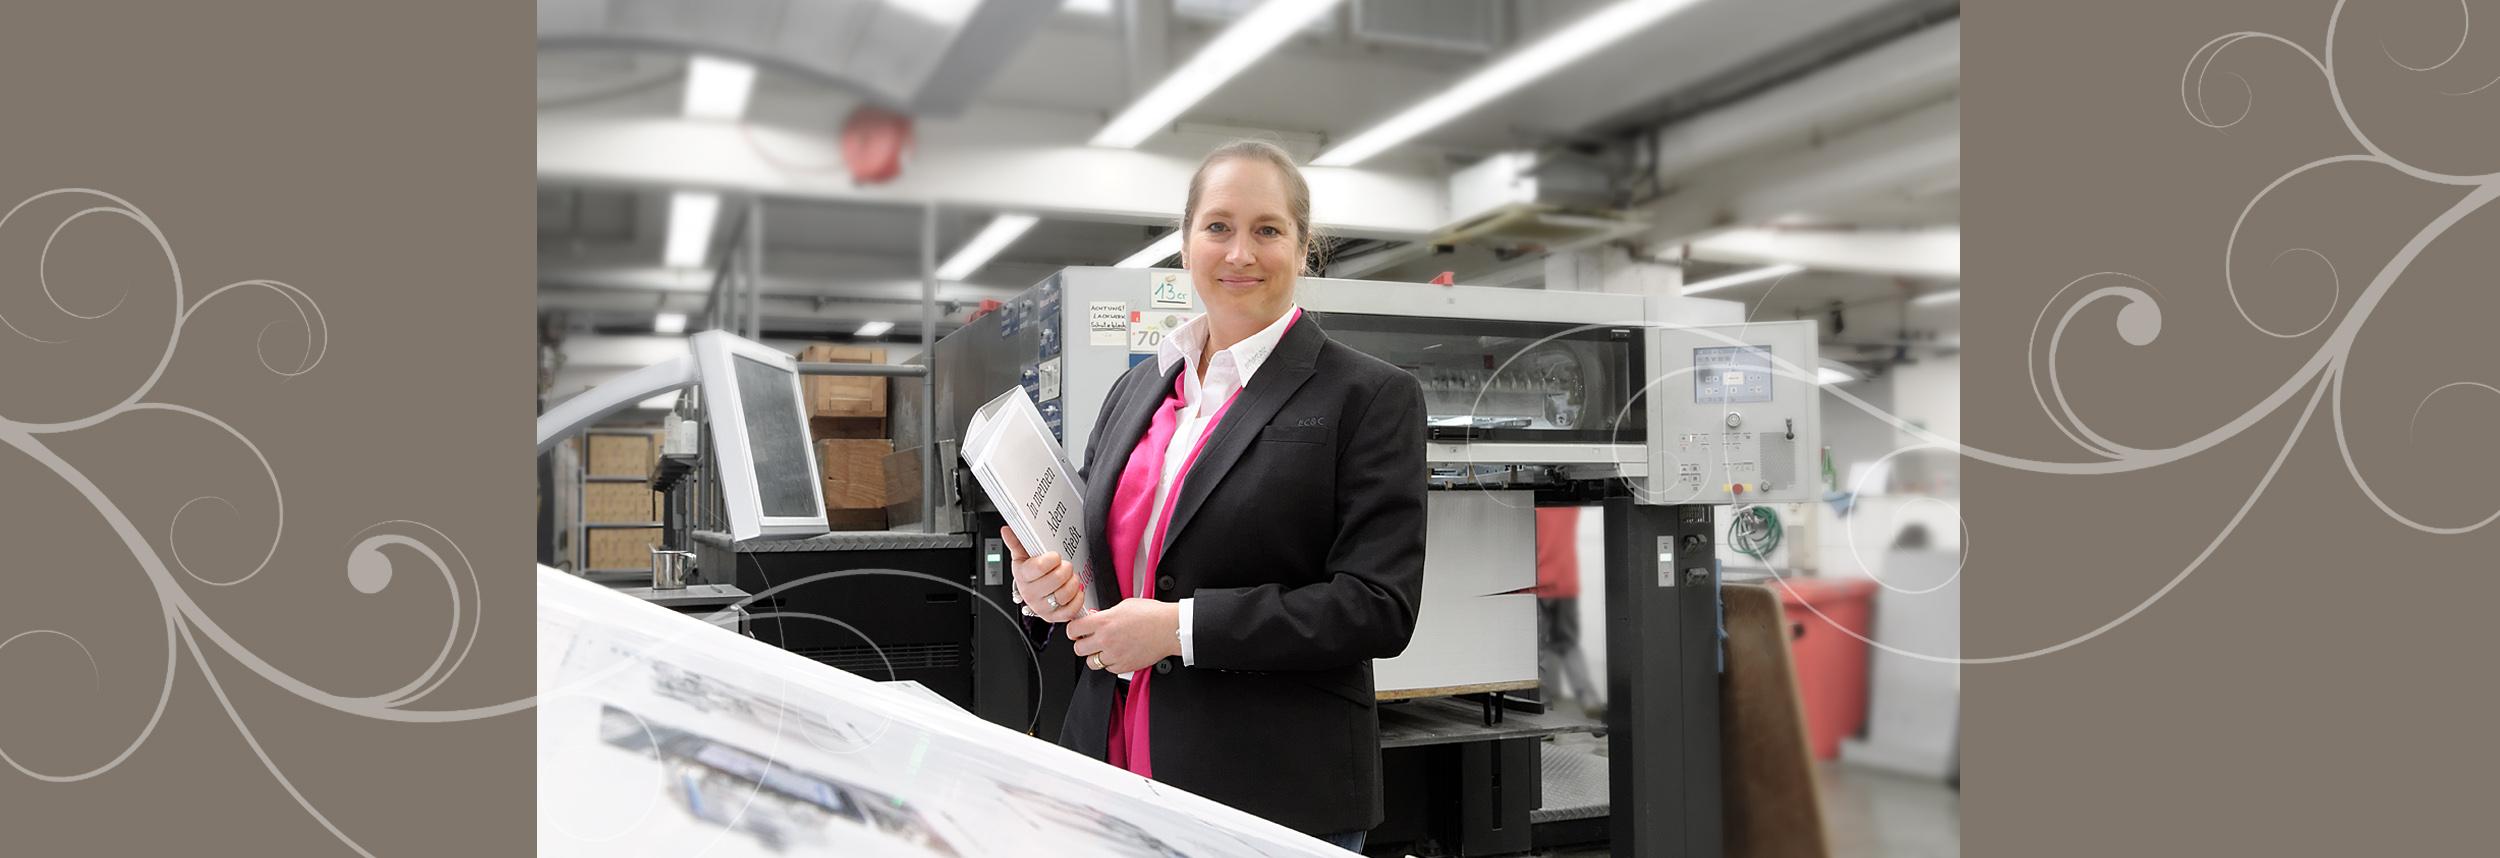 Ing. Katja Erhart-Viertlmayr, MBA, Unternehmensberaterin für das Druckgewerbe